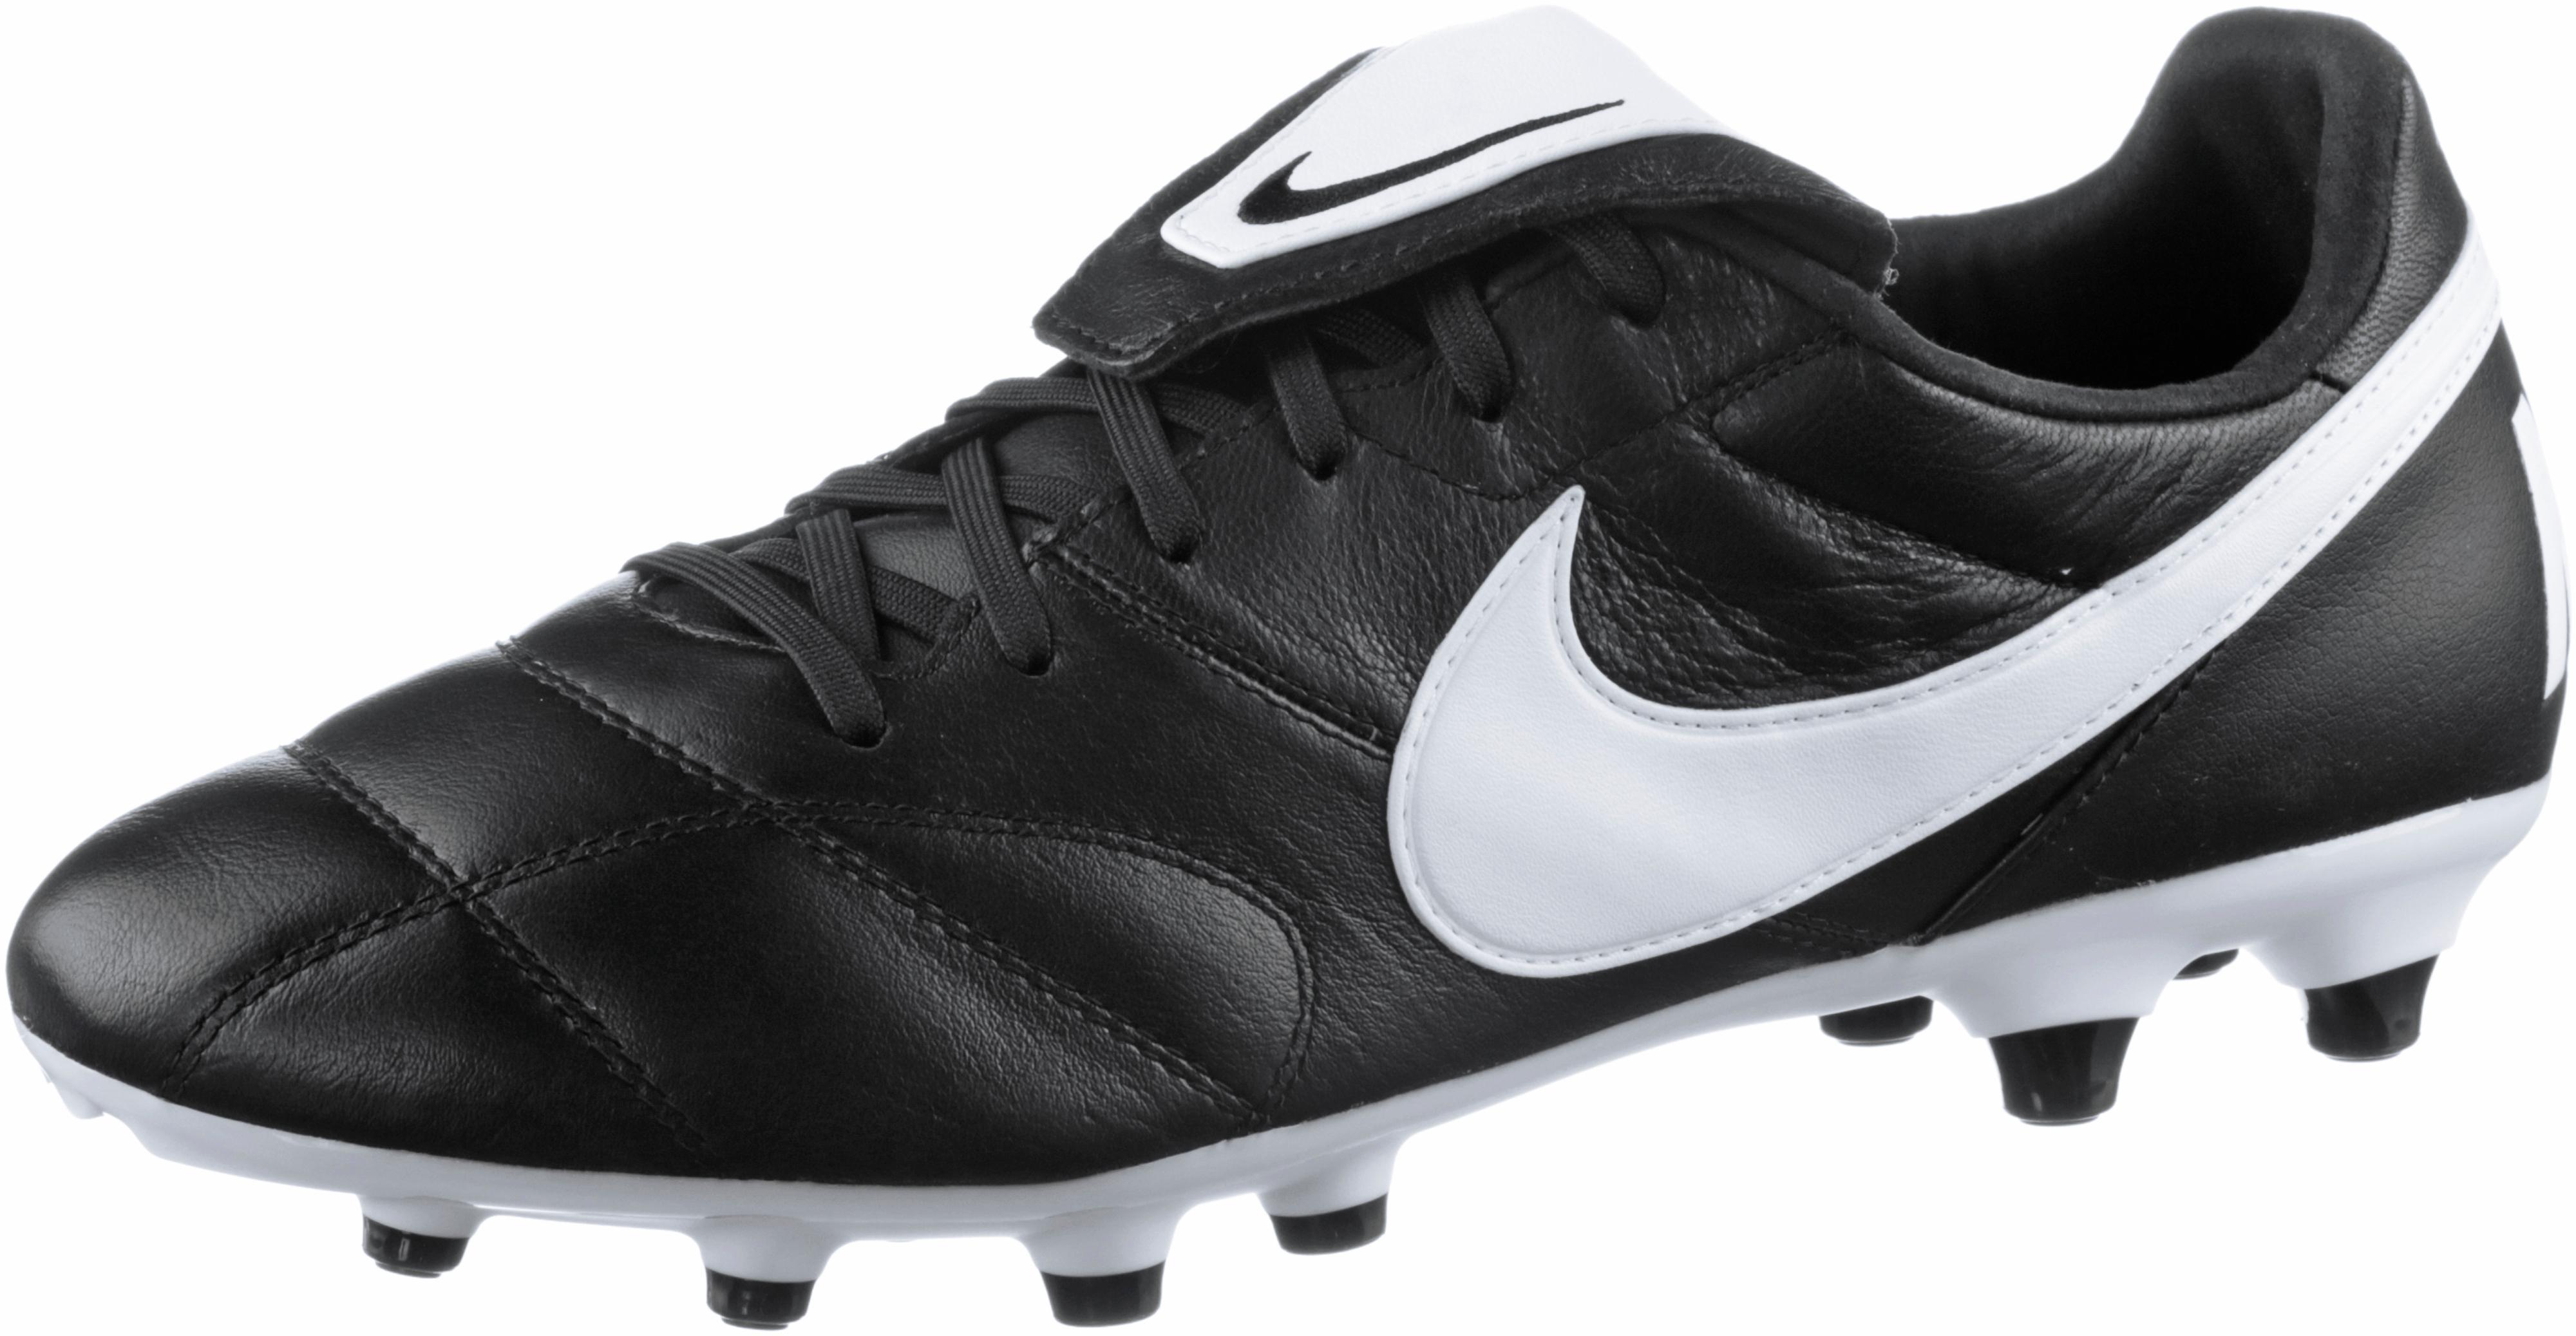 info for 32279 8da20 Nike THE NIKE PREMIER II FG Fußballschuhe Herren BLACK/WHITE-BLACK im  Online Shop von SportScheck kaufen